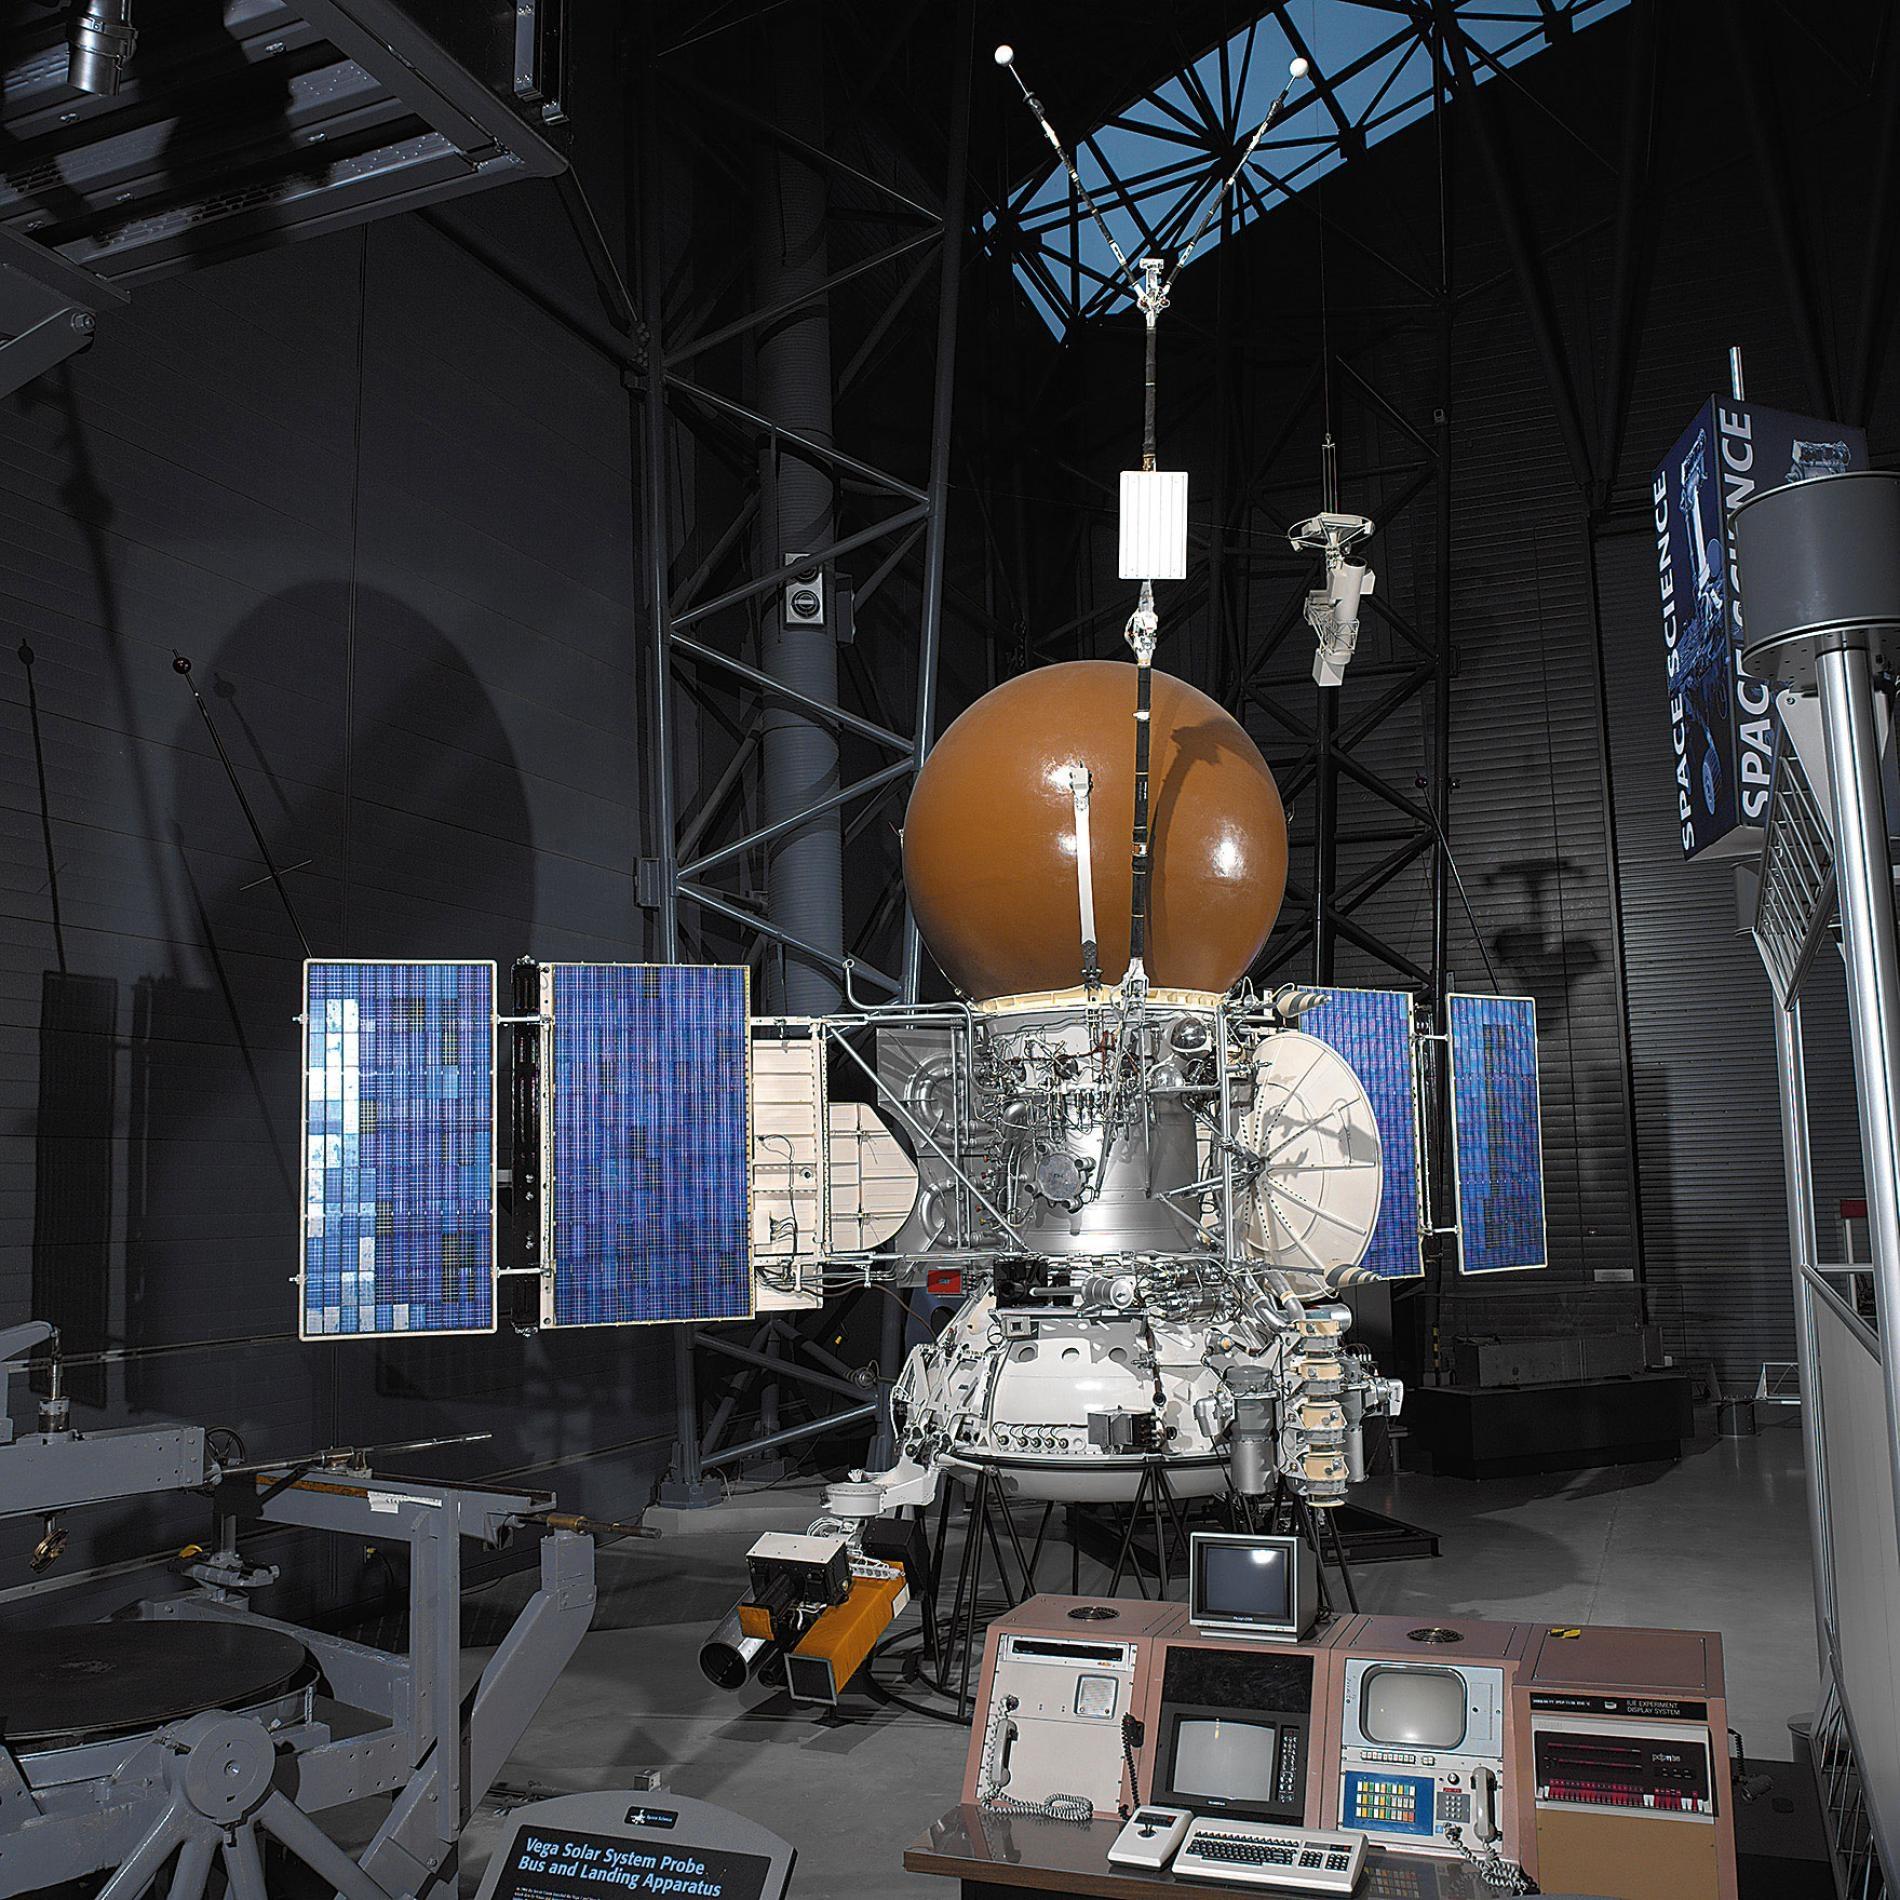 維加號登陸器的太空船主體和登陸裝置的工程模型,位於維吉尼亞州的史蒂文史蒂文.烏德沃爾哈齊中心(Steven F. Udvar-Hazy Center)。該中心是美國史密森尼國家航空太空博物館(Smithsonian's National Air and Space Museum)的一部分。PHOTOGRAPH COURTESY OF SMITHSONIAN'S NATIONAL AIR AND SPACE MUSEUM